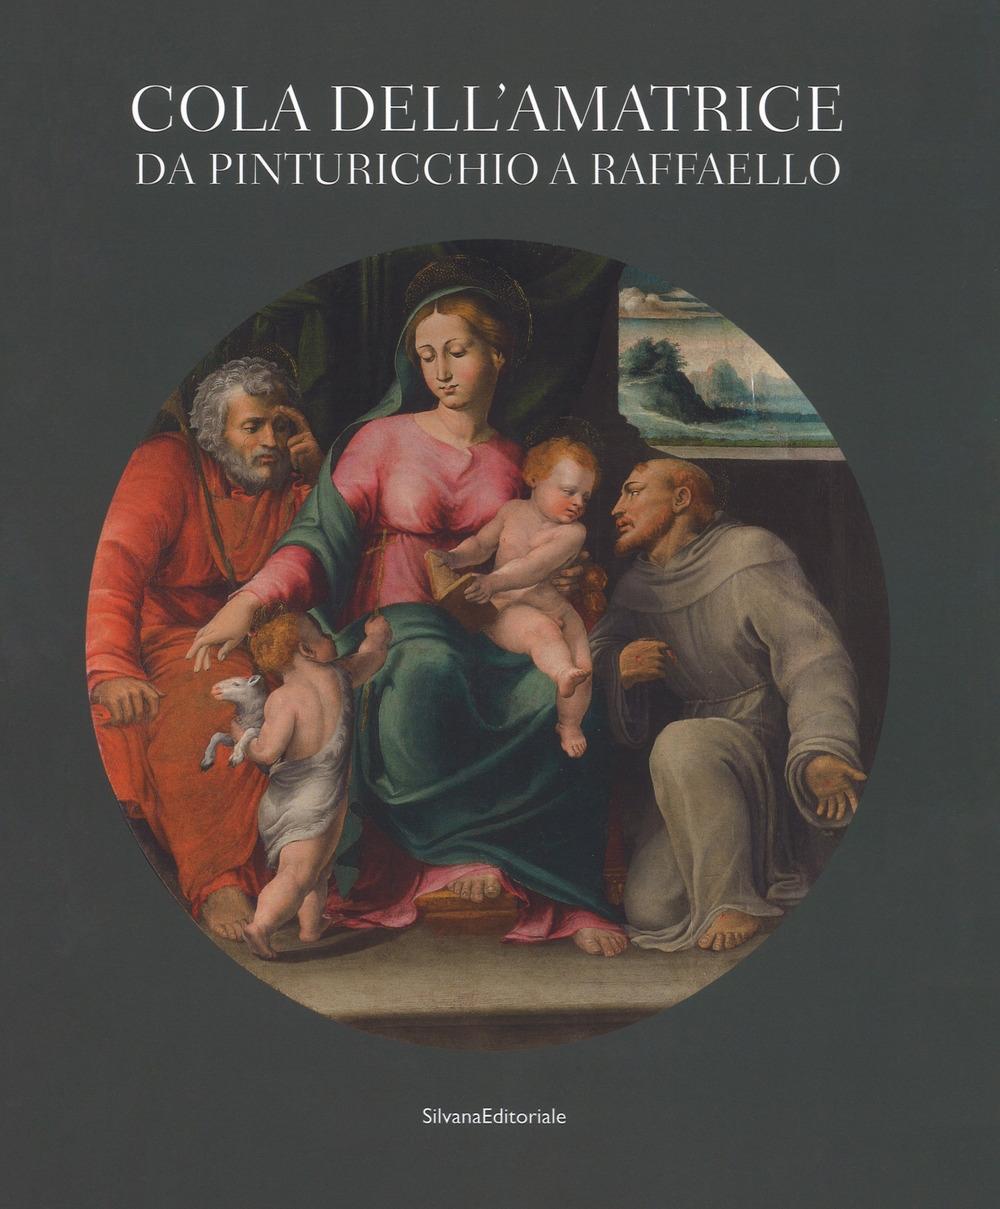 Cola dell'Amatrice tra Pinturicchio e Raffaello